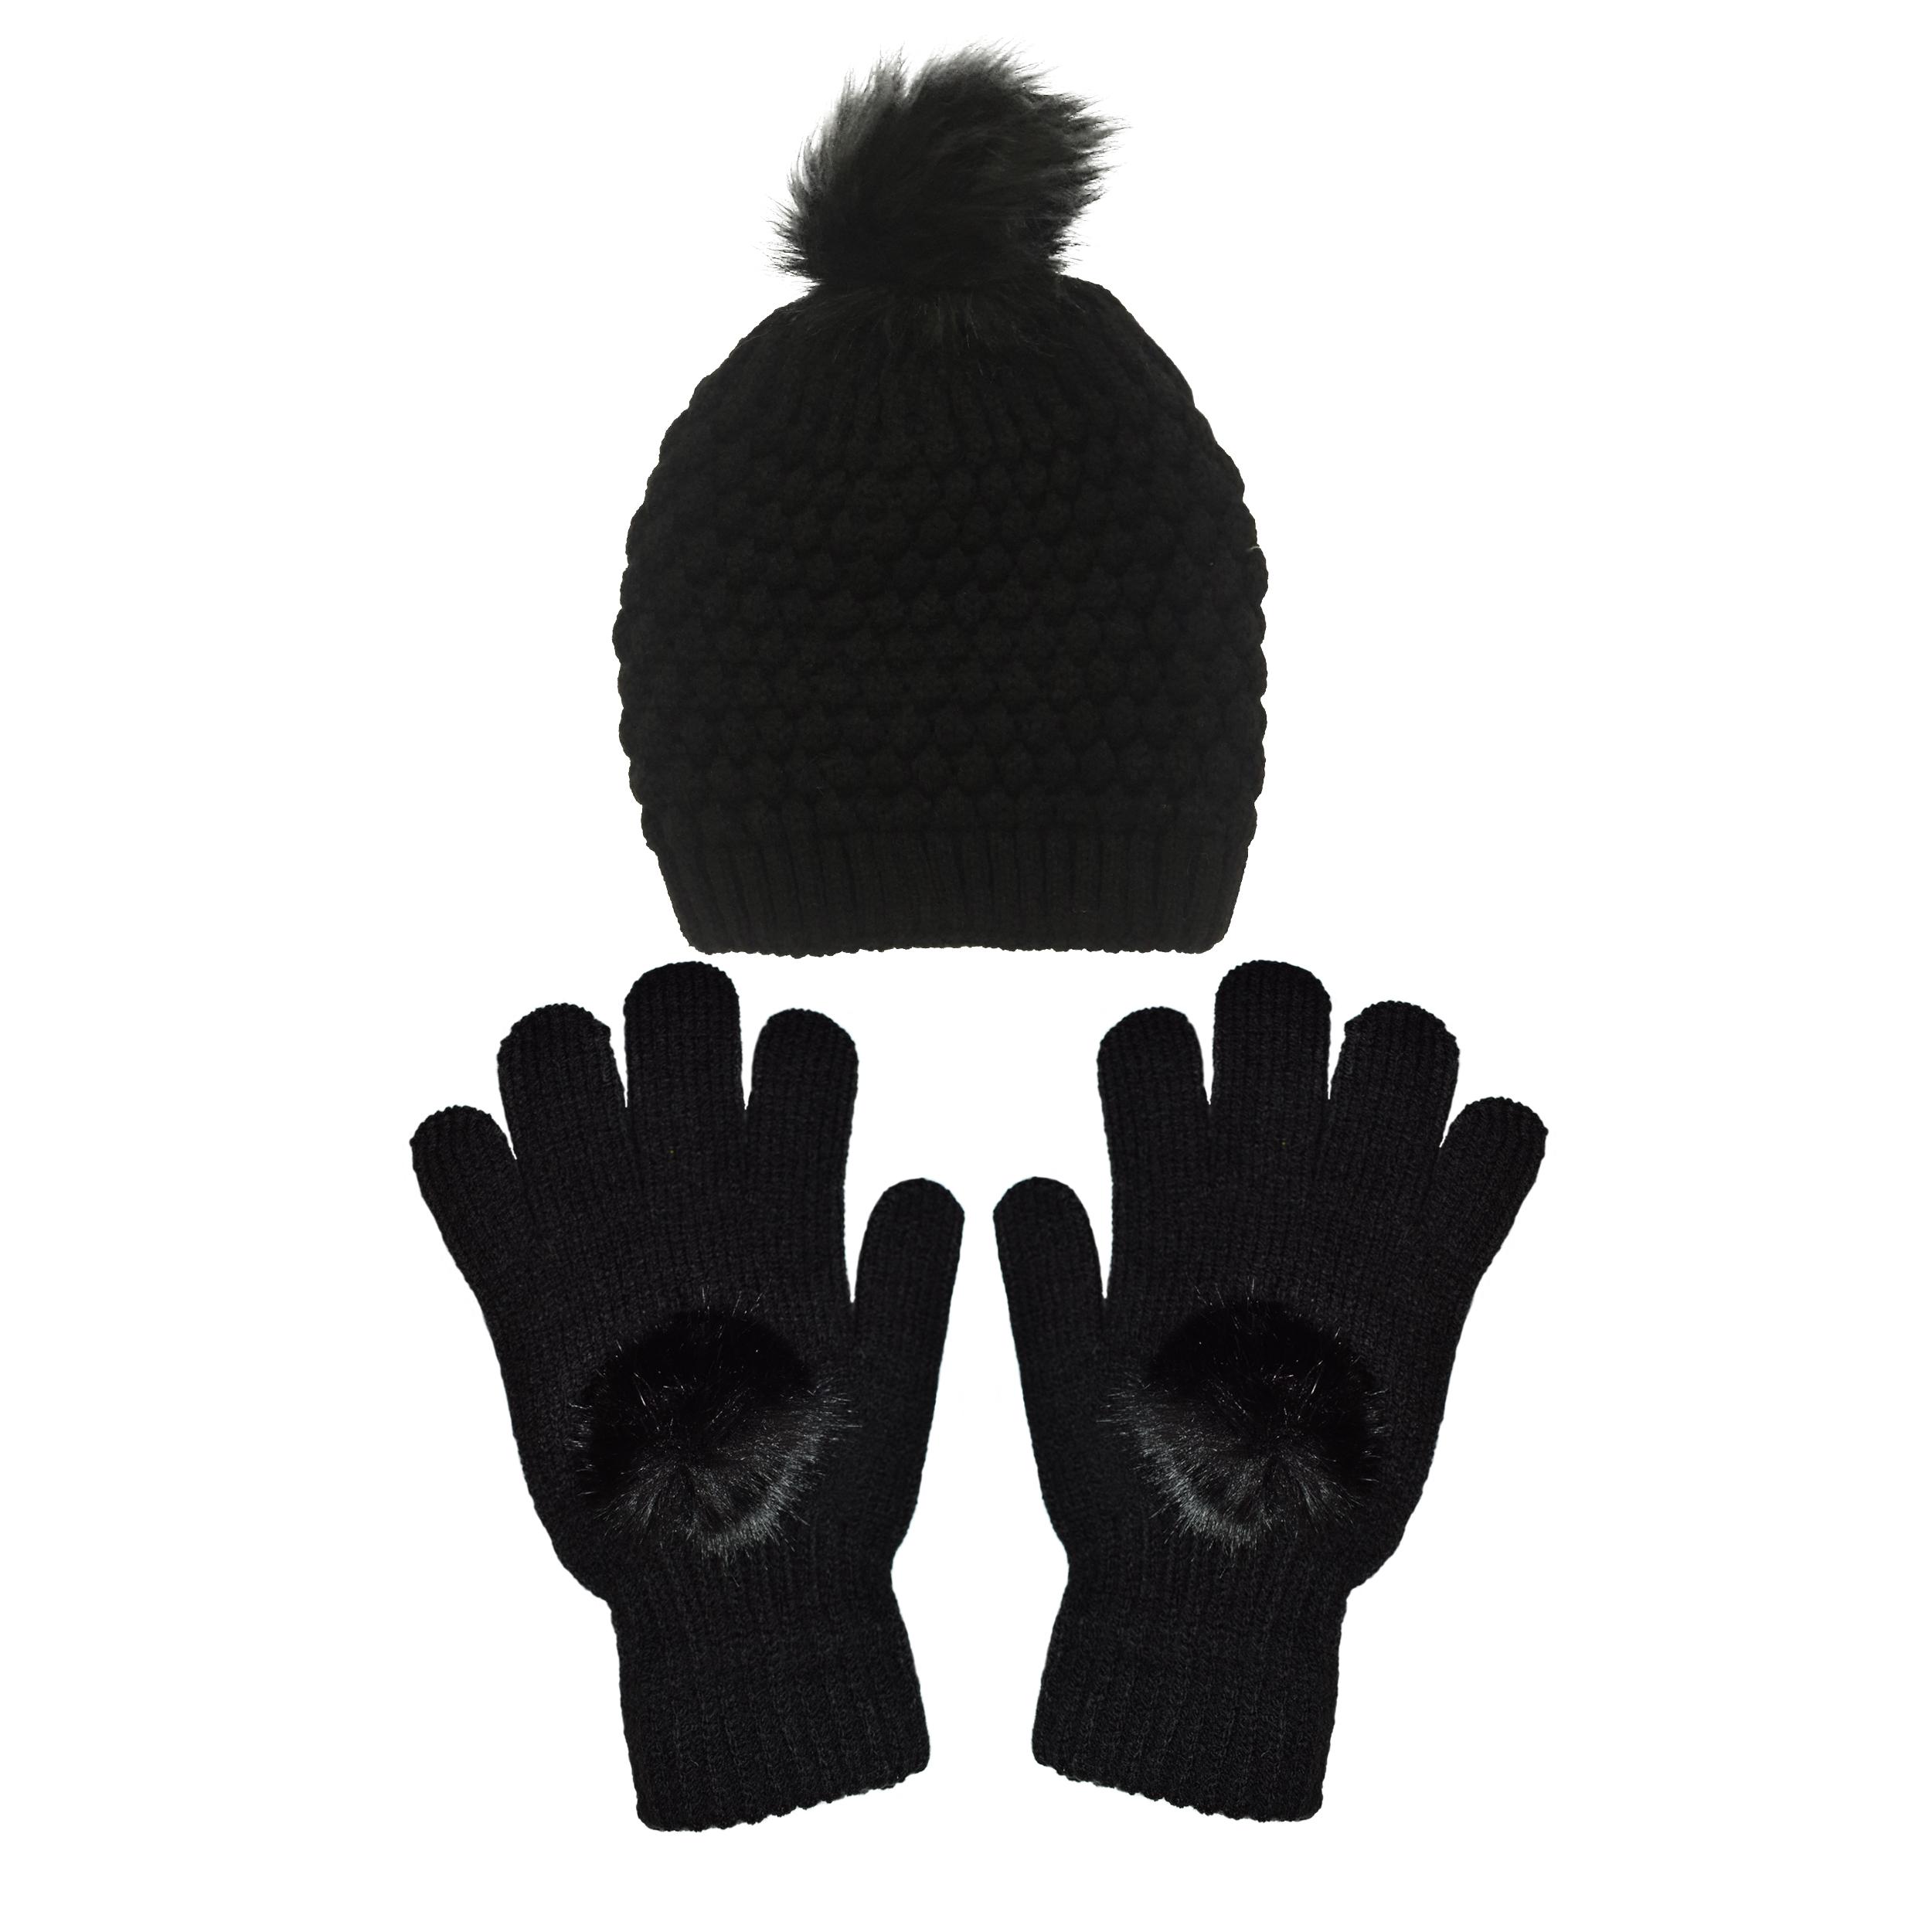 ست کلاه و دستکش بافتنی زنانه تولیدی منوچهری کد kd576